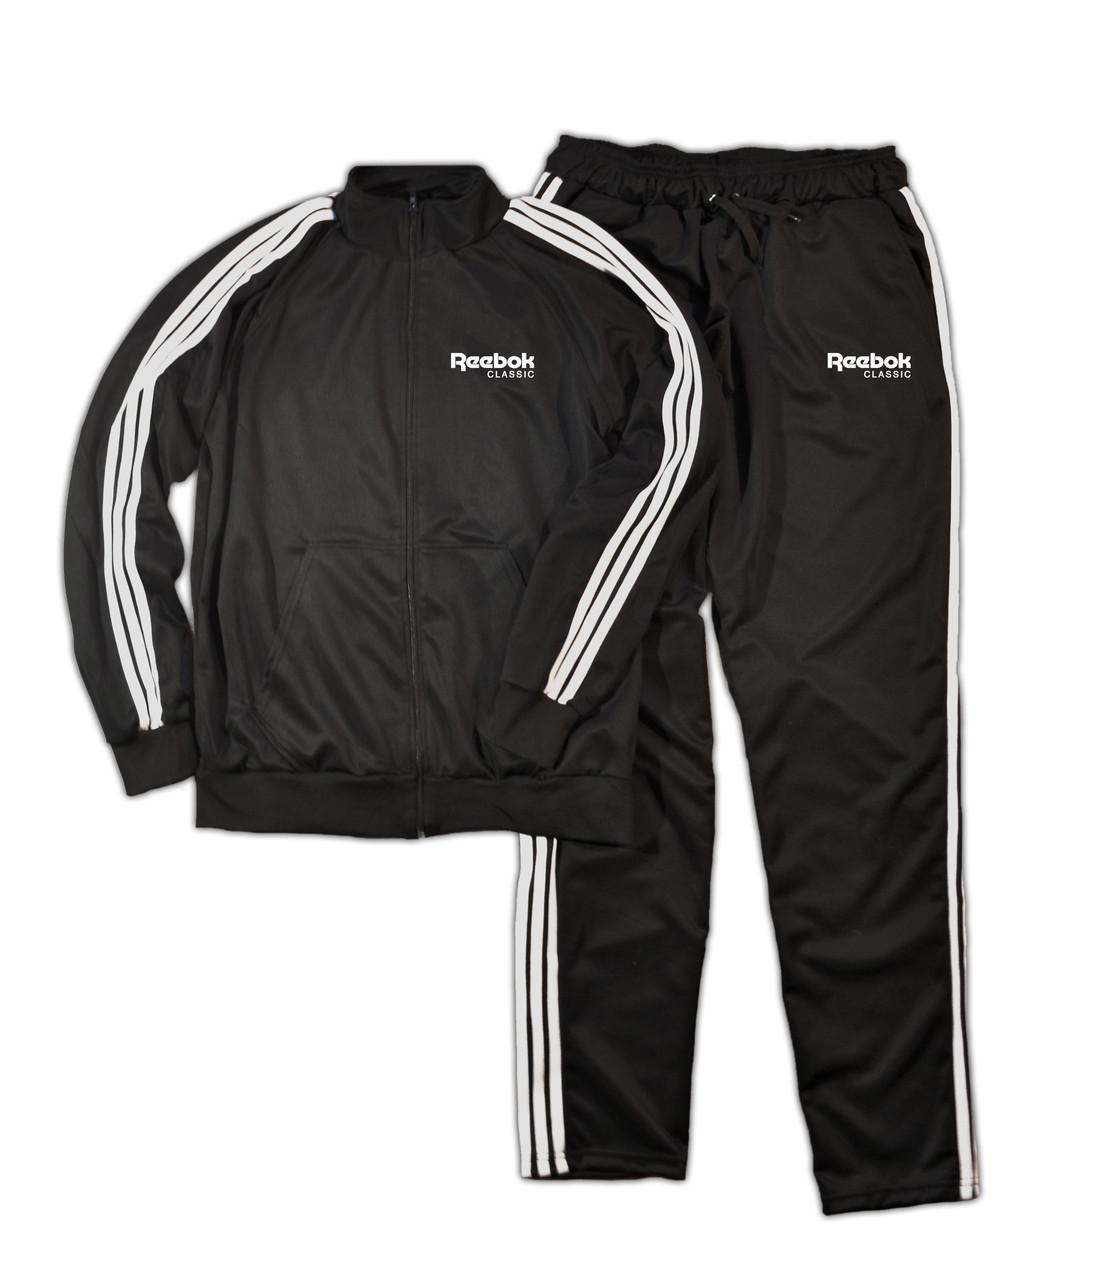 Тренировочный мужской спортивный костюм Reebok с лампасами (Рибок)